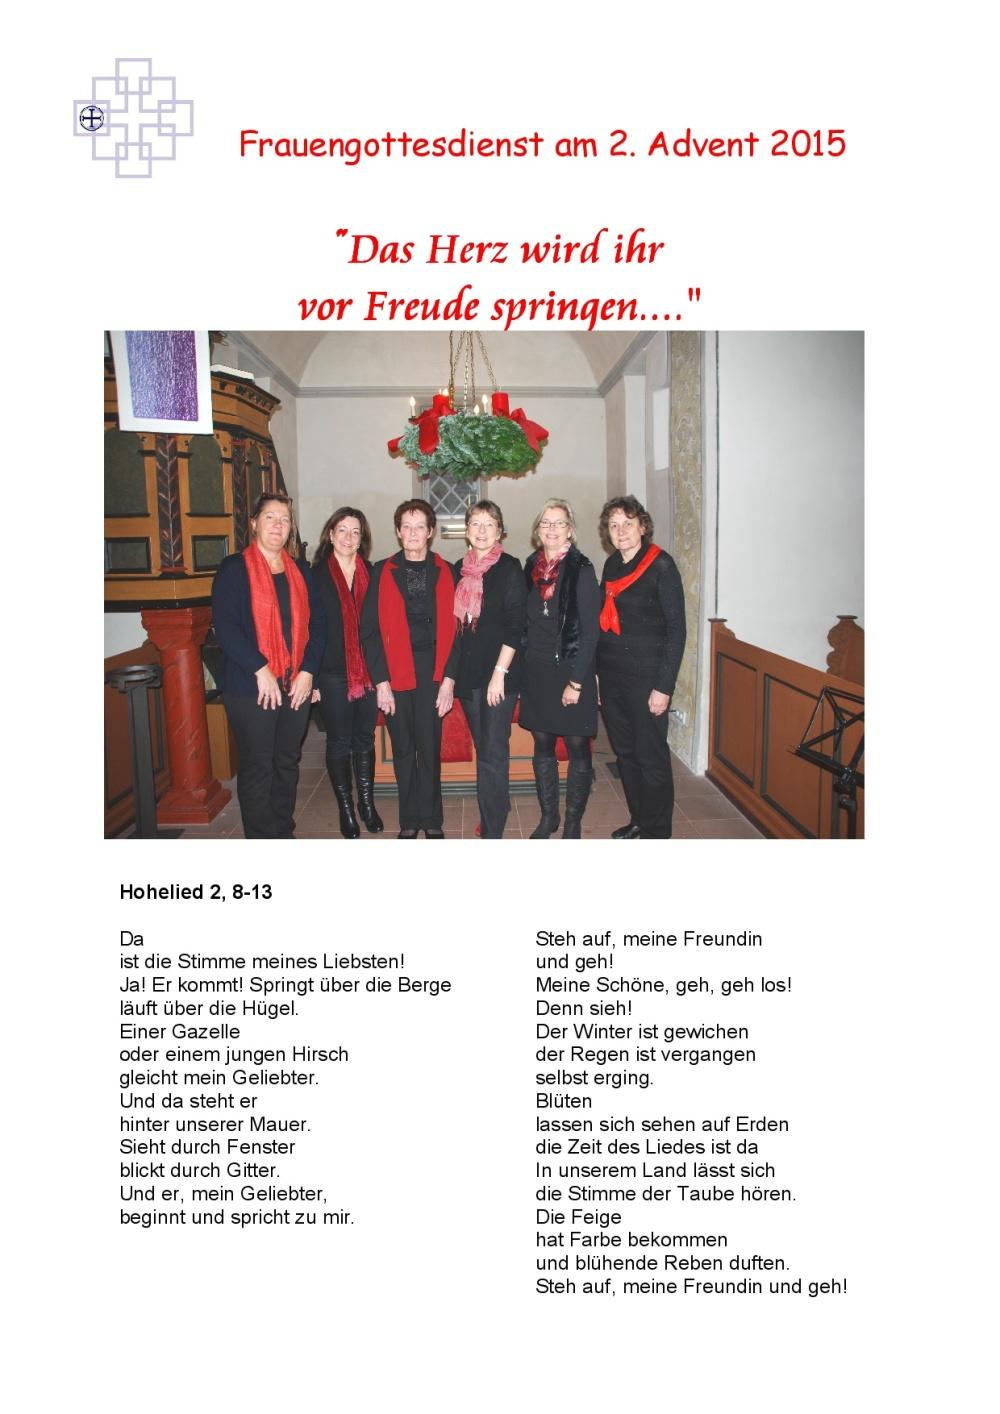 2015-12-06 Frauengottesdienst am 2-001